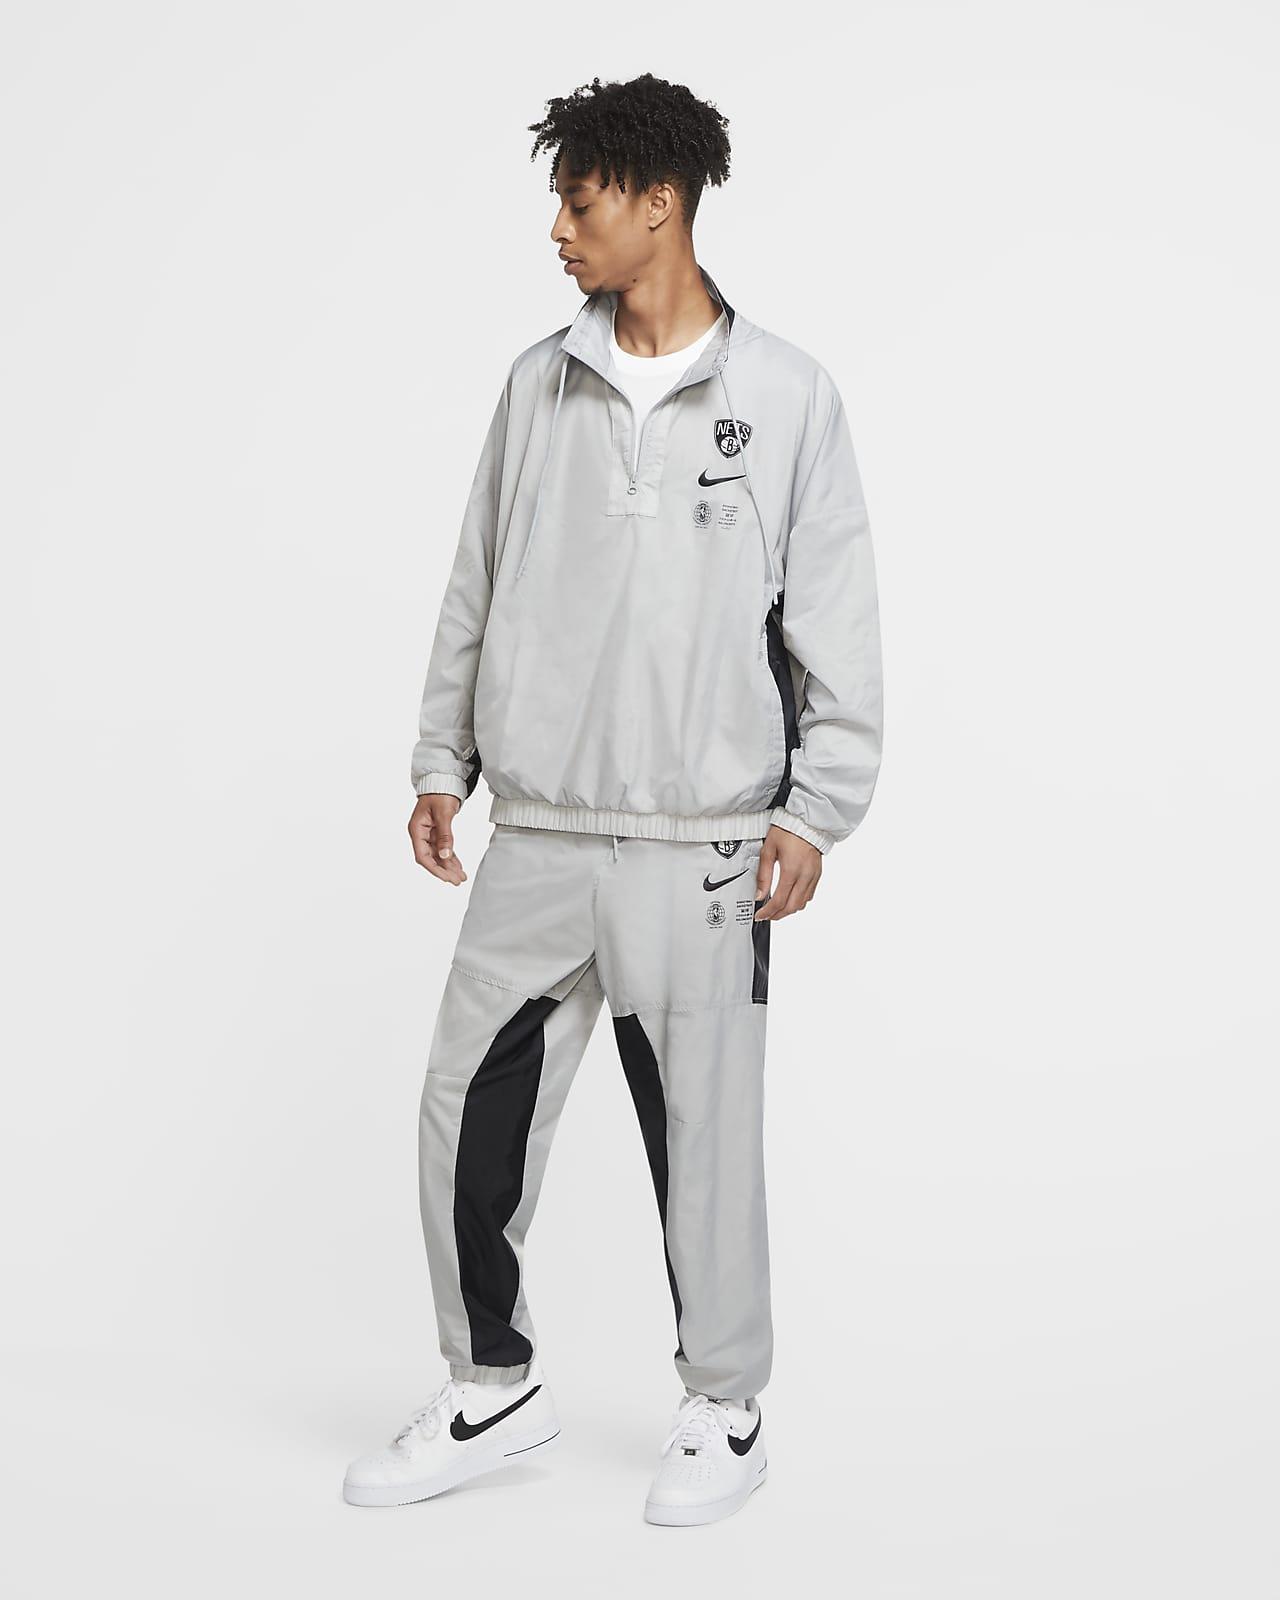 adidas pour Homme Brooklyn Nets NBA Survêtement pour Homme